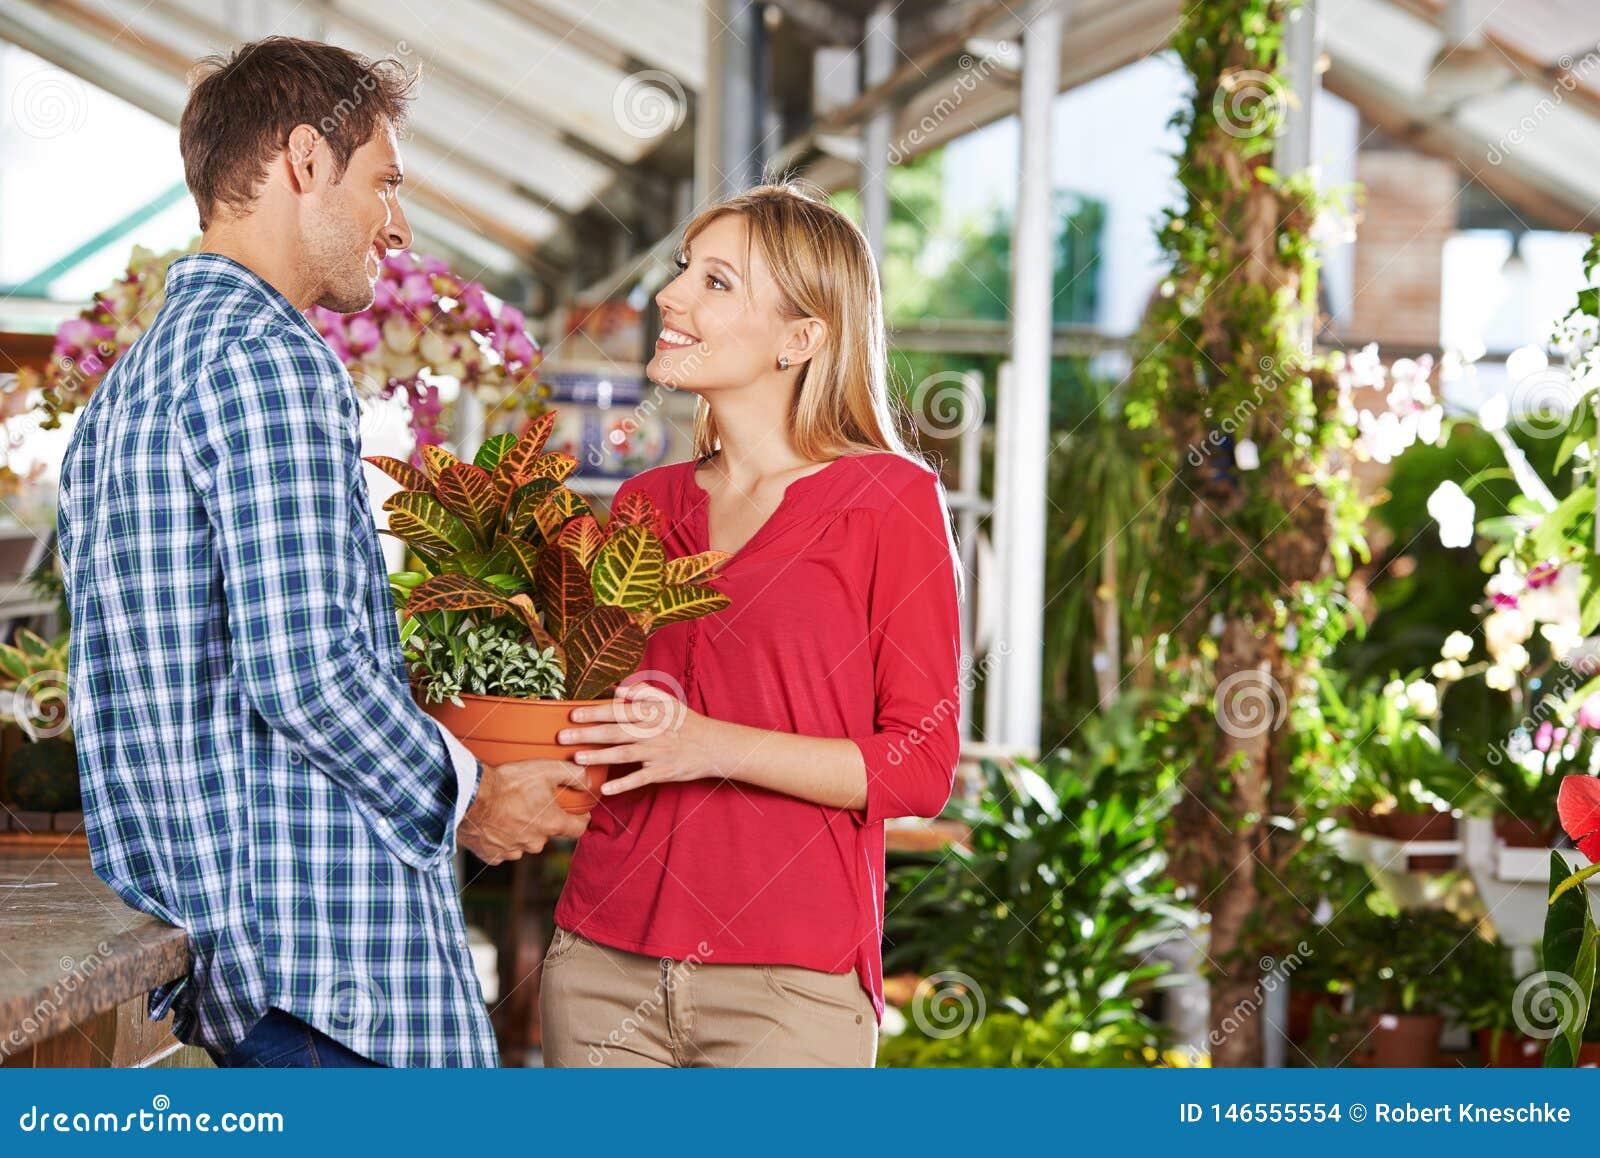 夫妇在从事园艺一起买